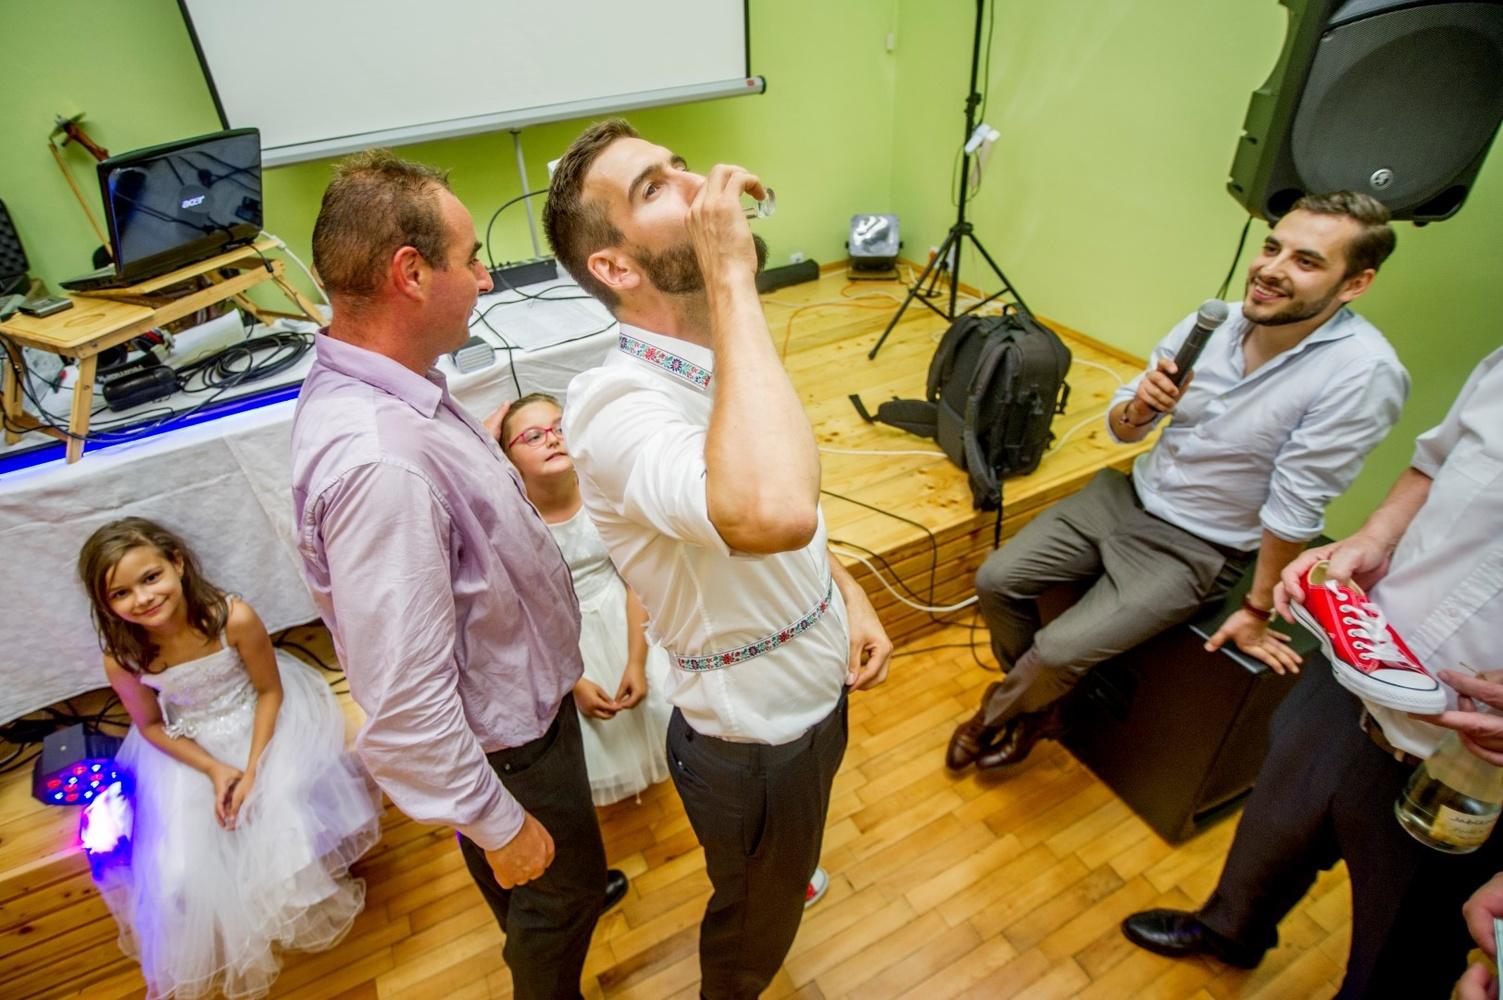 http://www.fotoz.sk/images/gallery-8/normal/eskuvoi-fotos_svadobny-fotograf_599.jpg